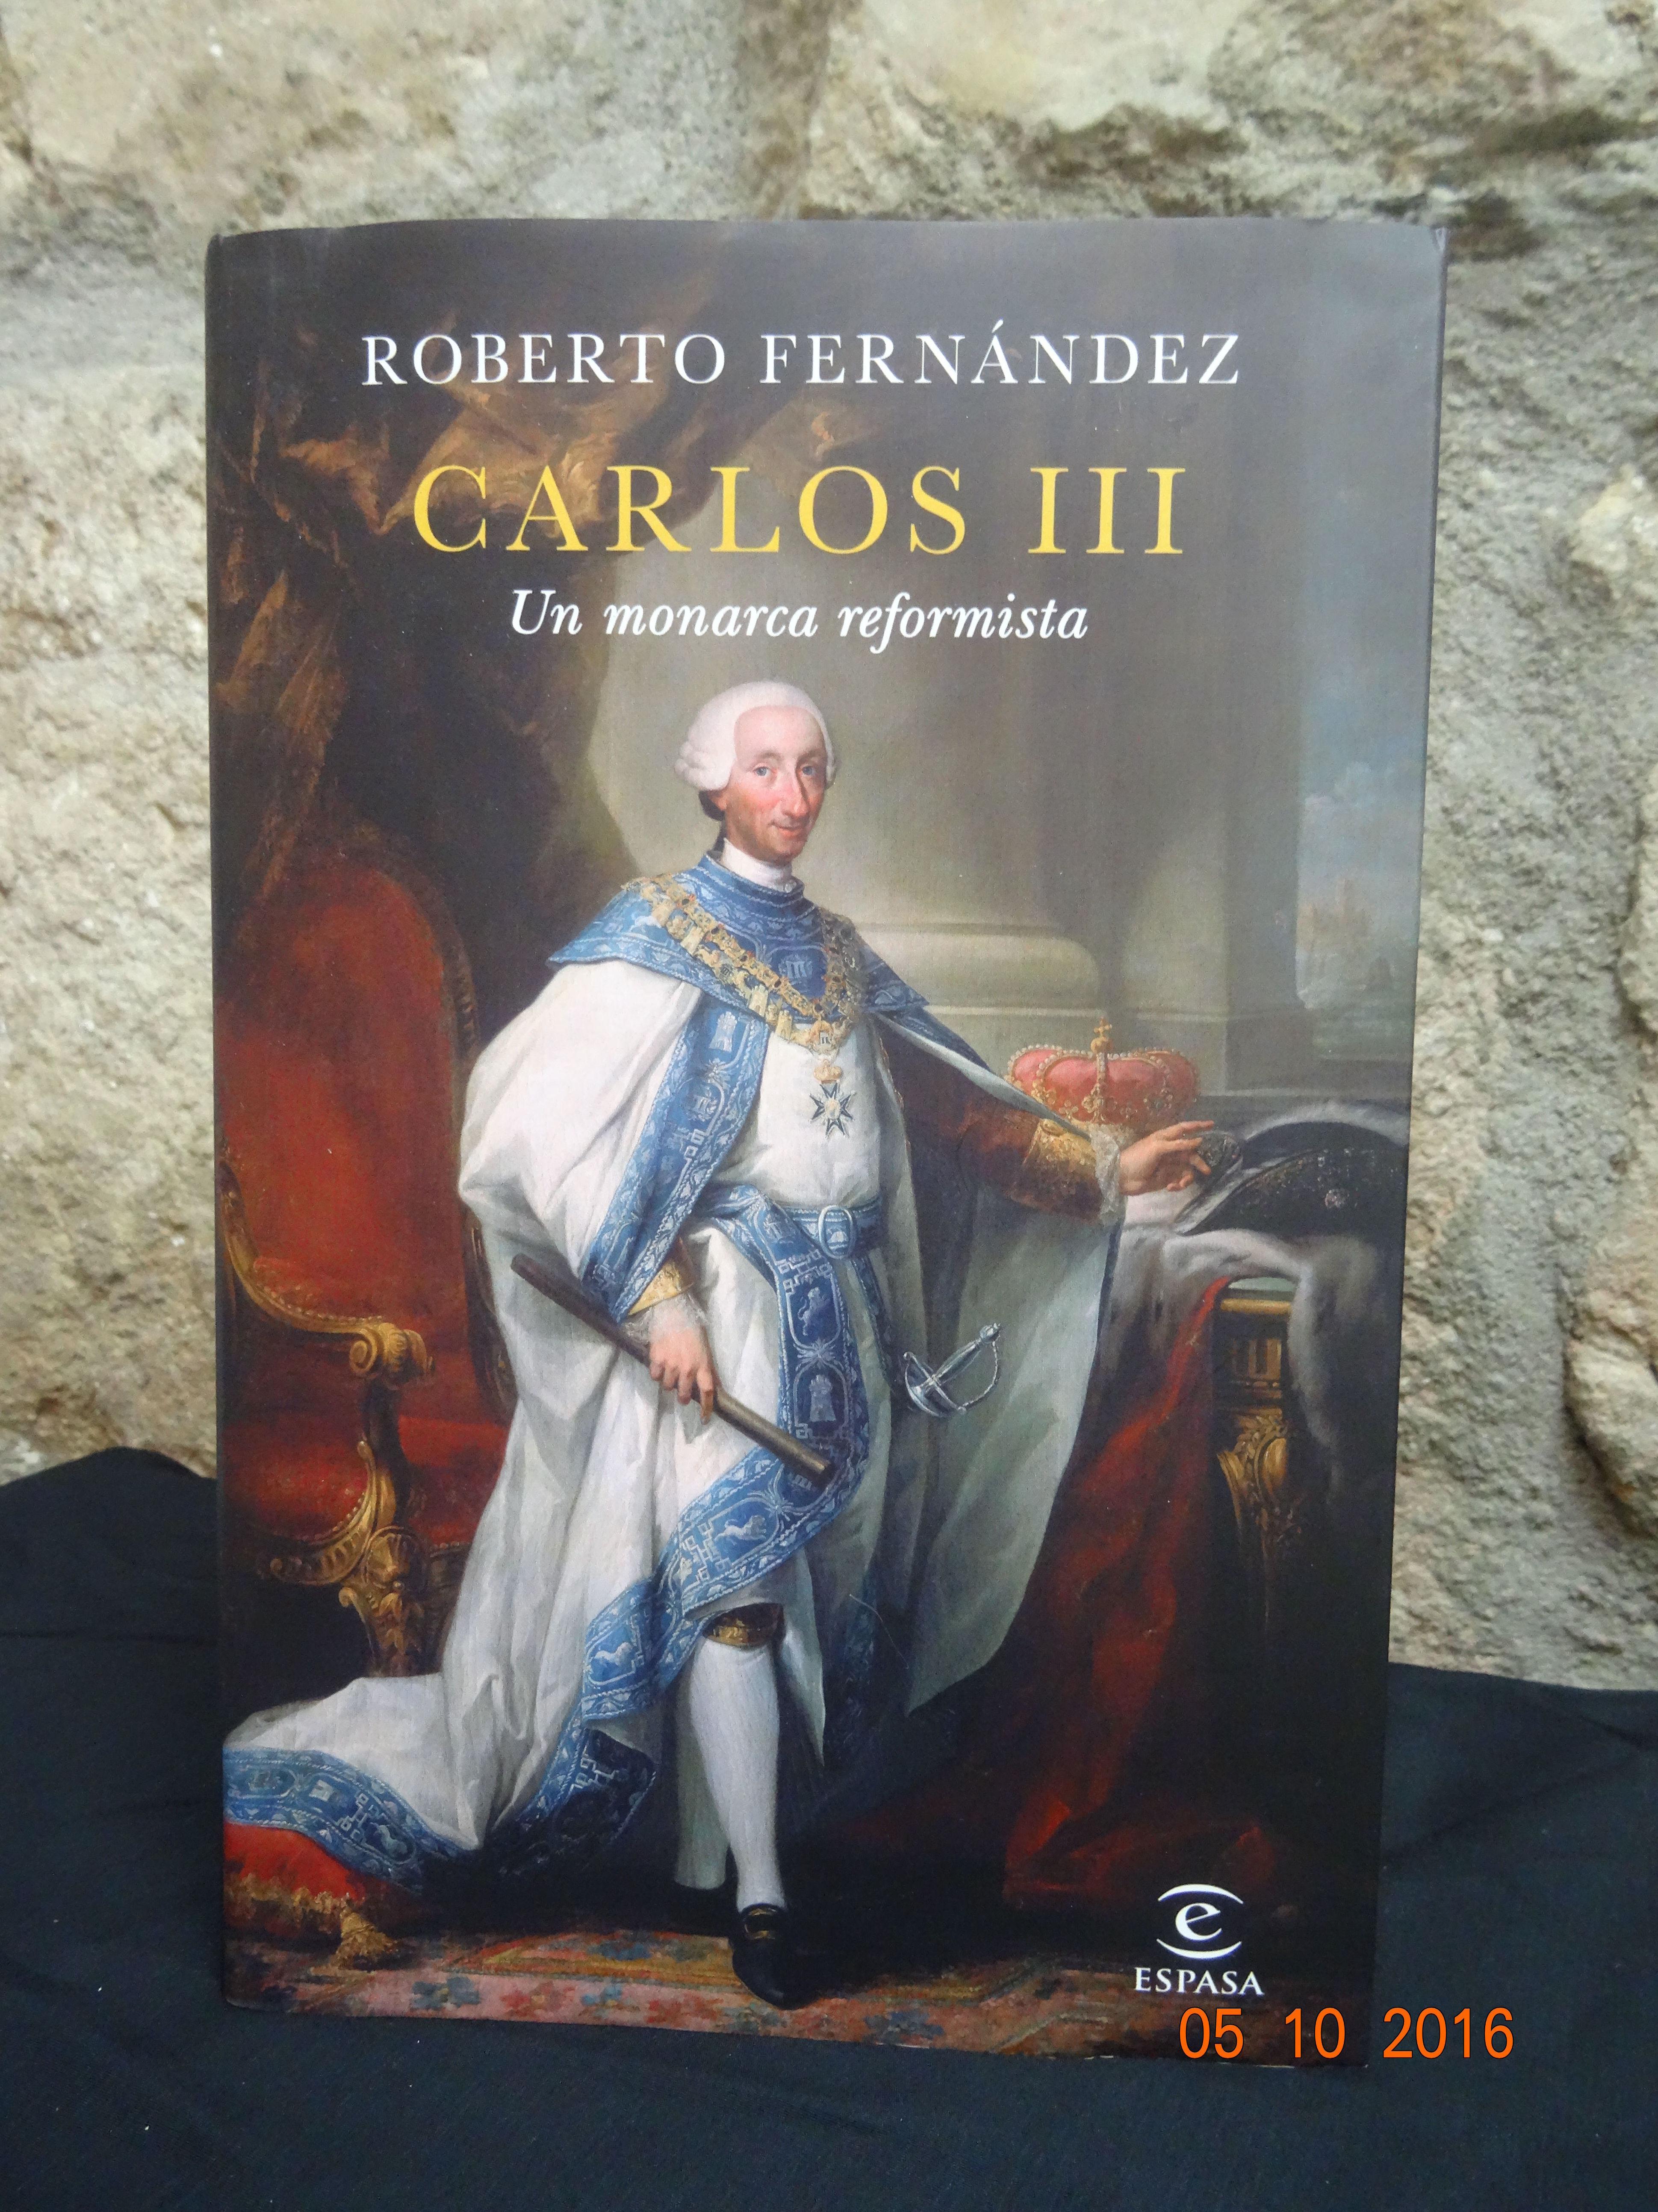 Carlos III. Un Monarca reformista: SECCIONES de Librería Nueva Plaza Universitaria